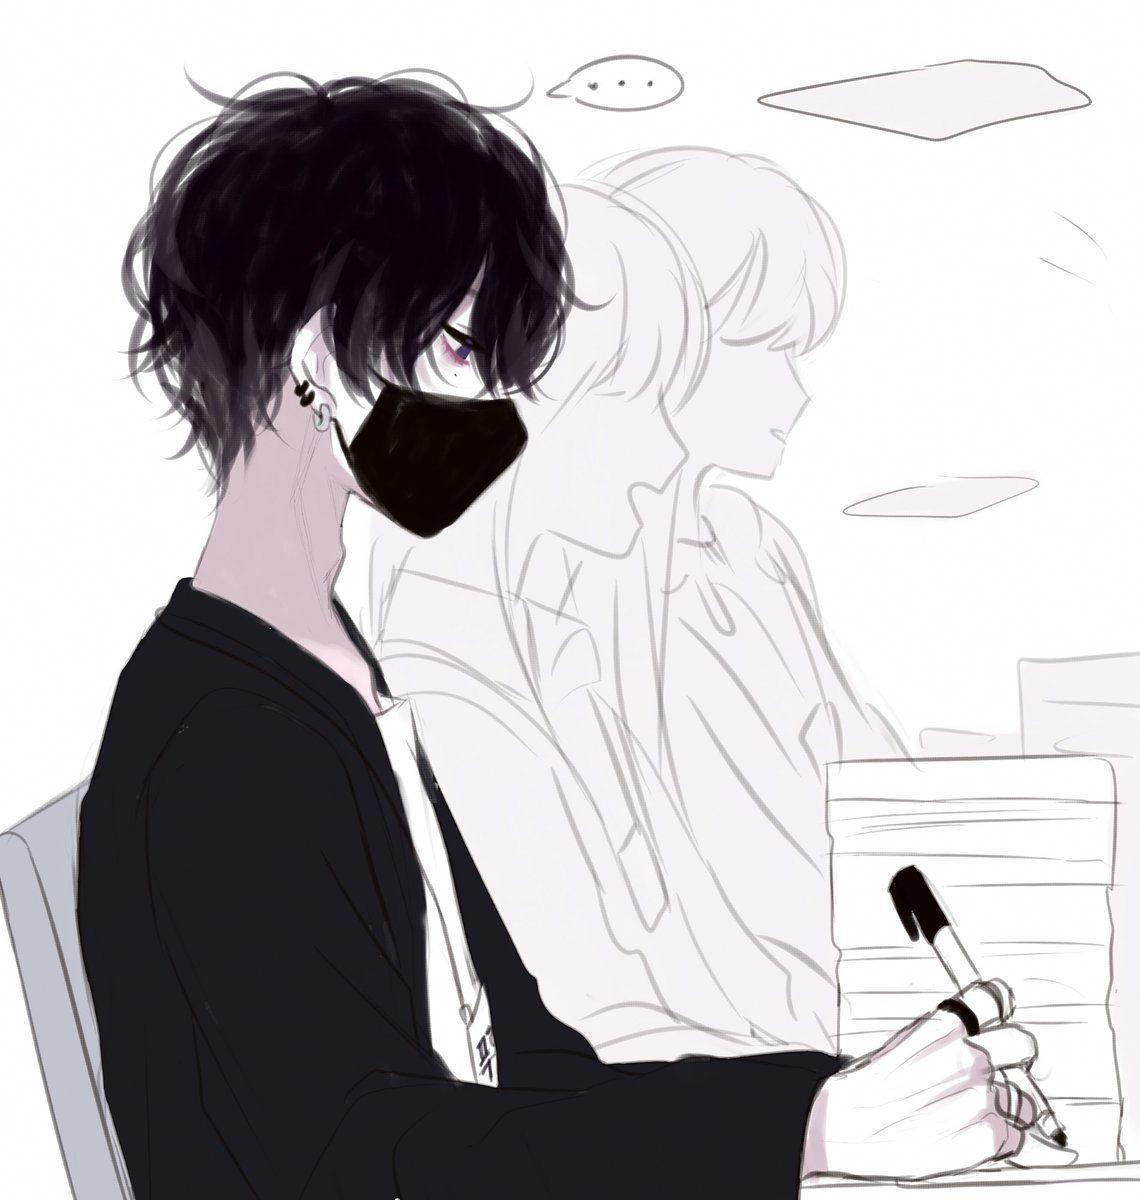 Ảnh Anime đen trắng đẹp nhất